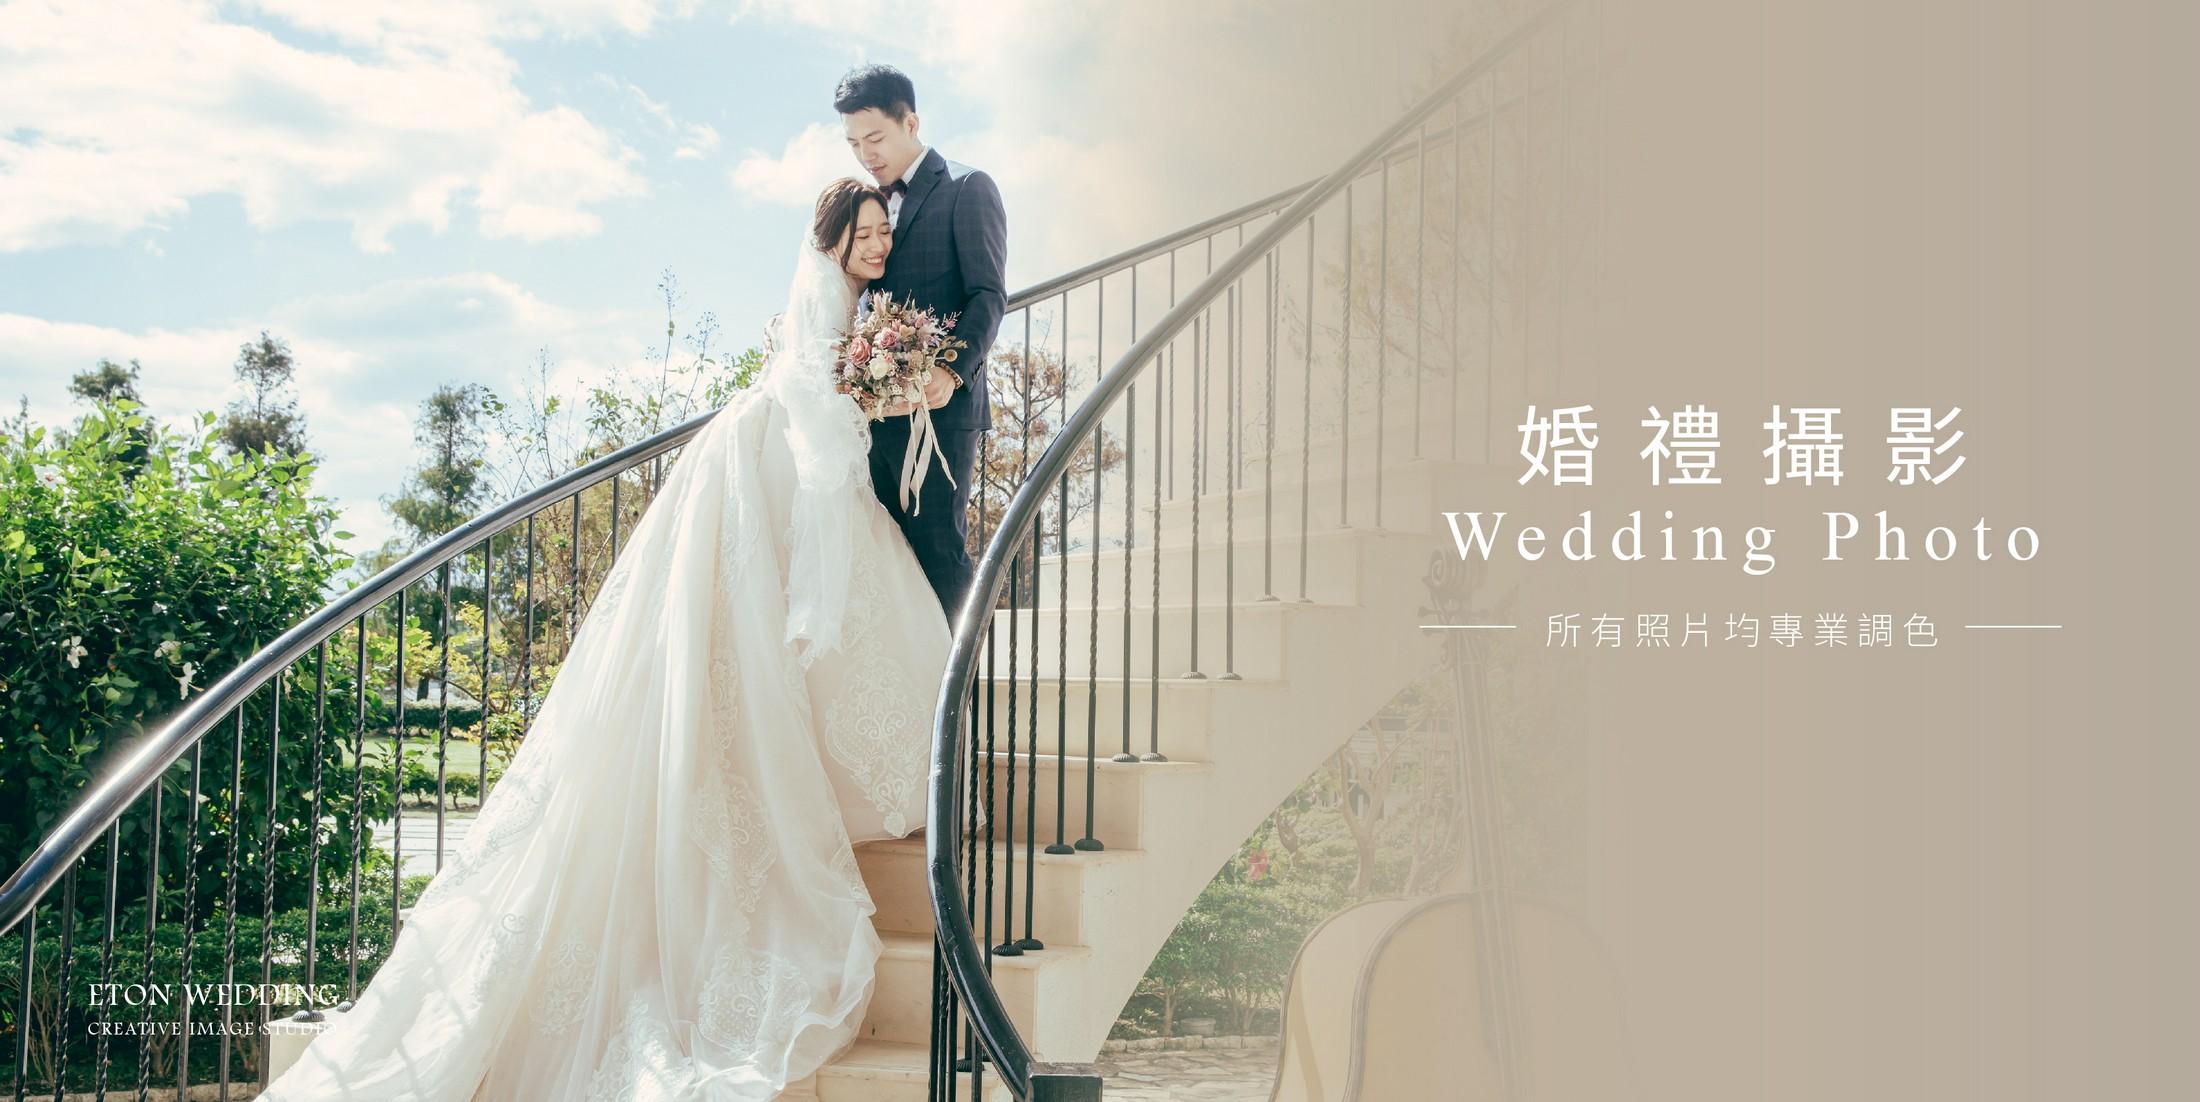 婚攝,婚禮攝影,婚禮錄影,婚錄,婚禮記錄